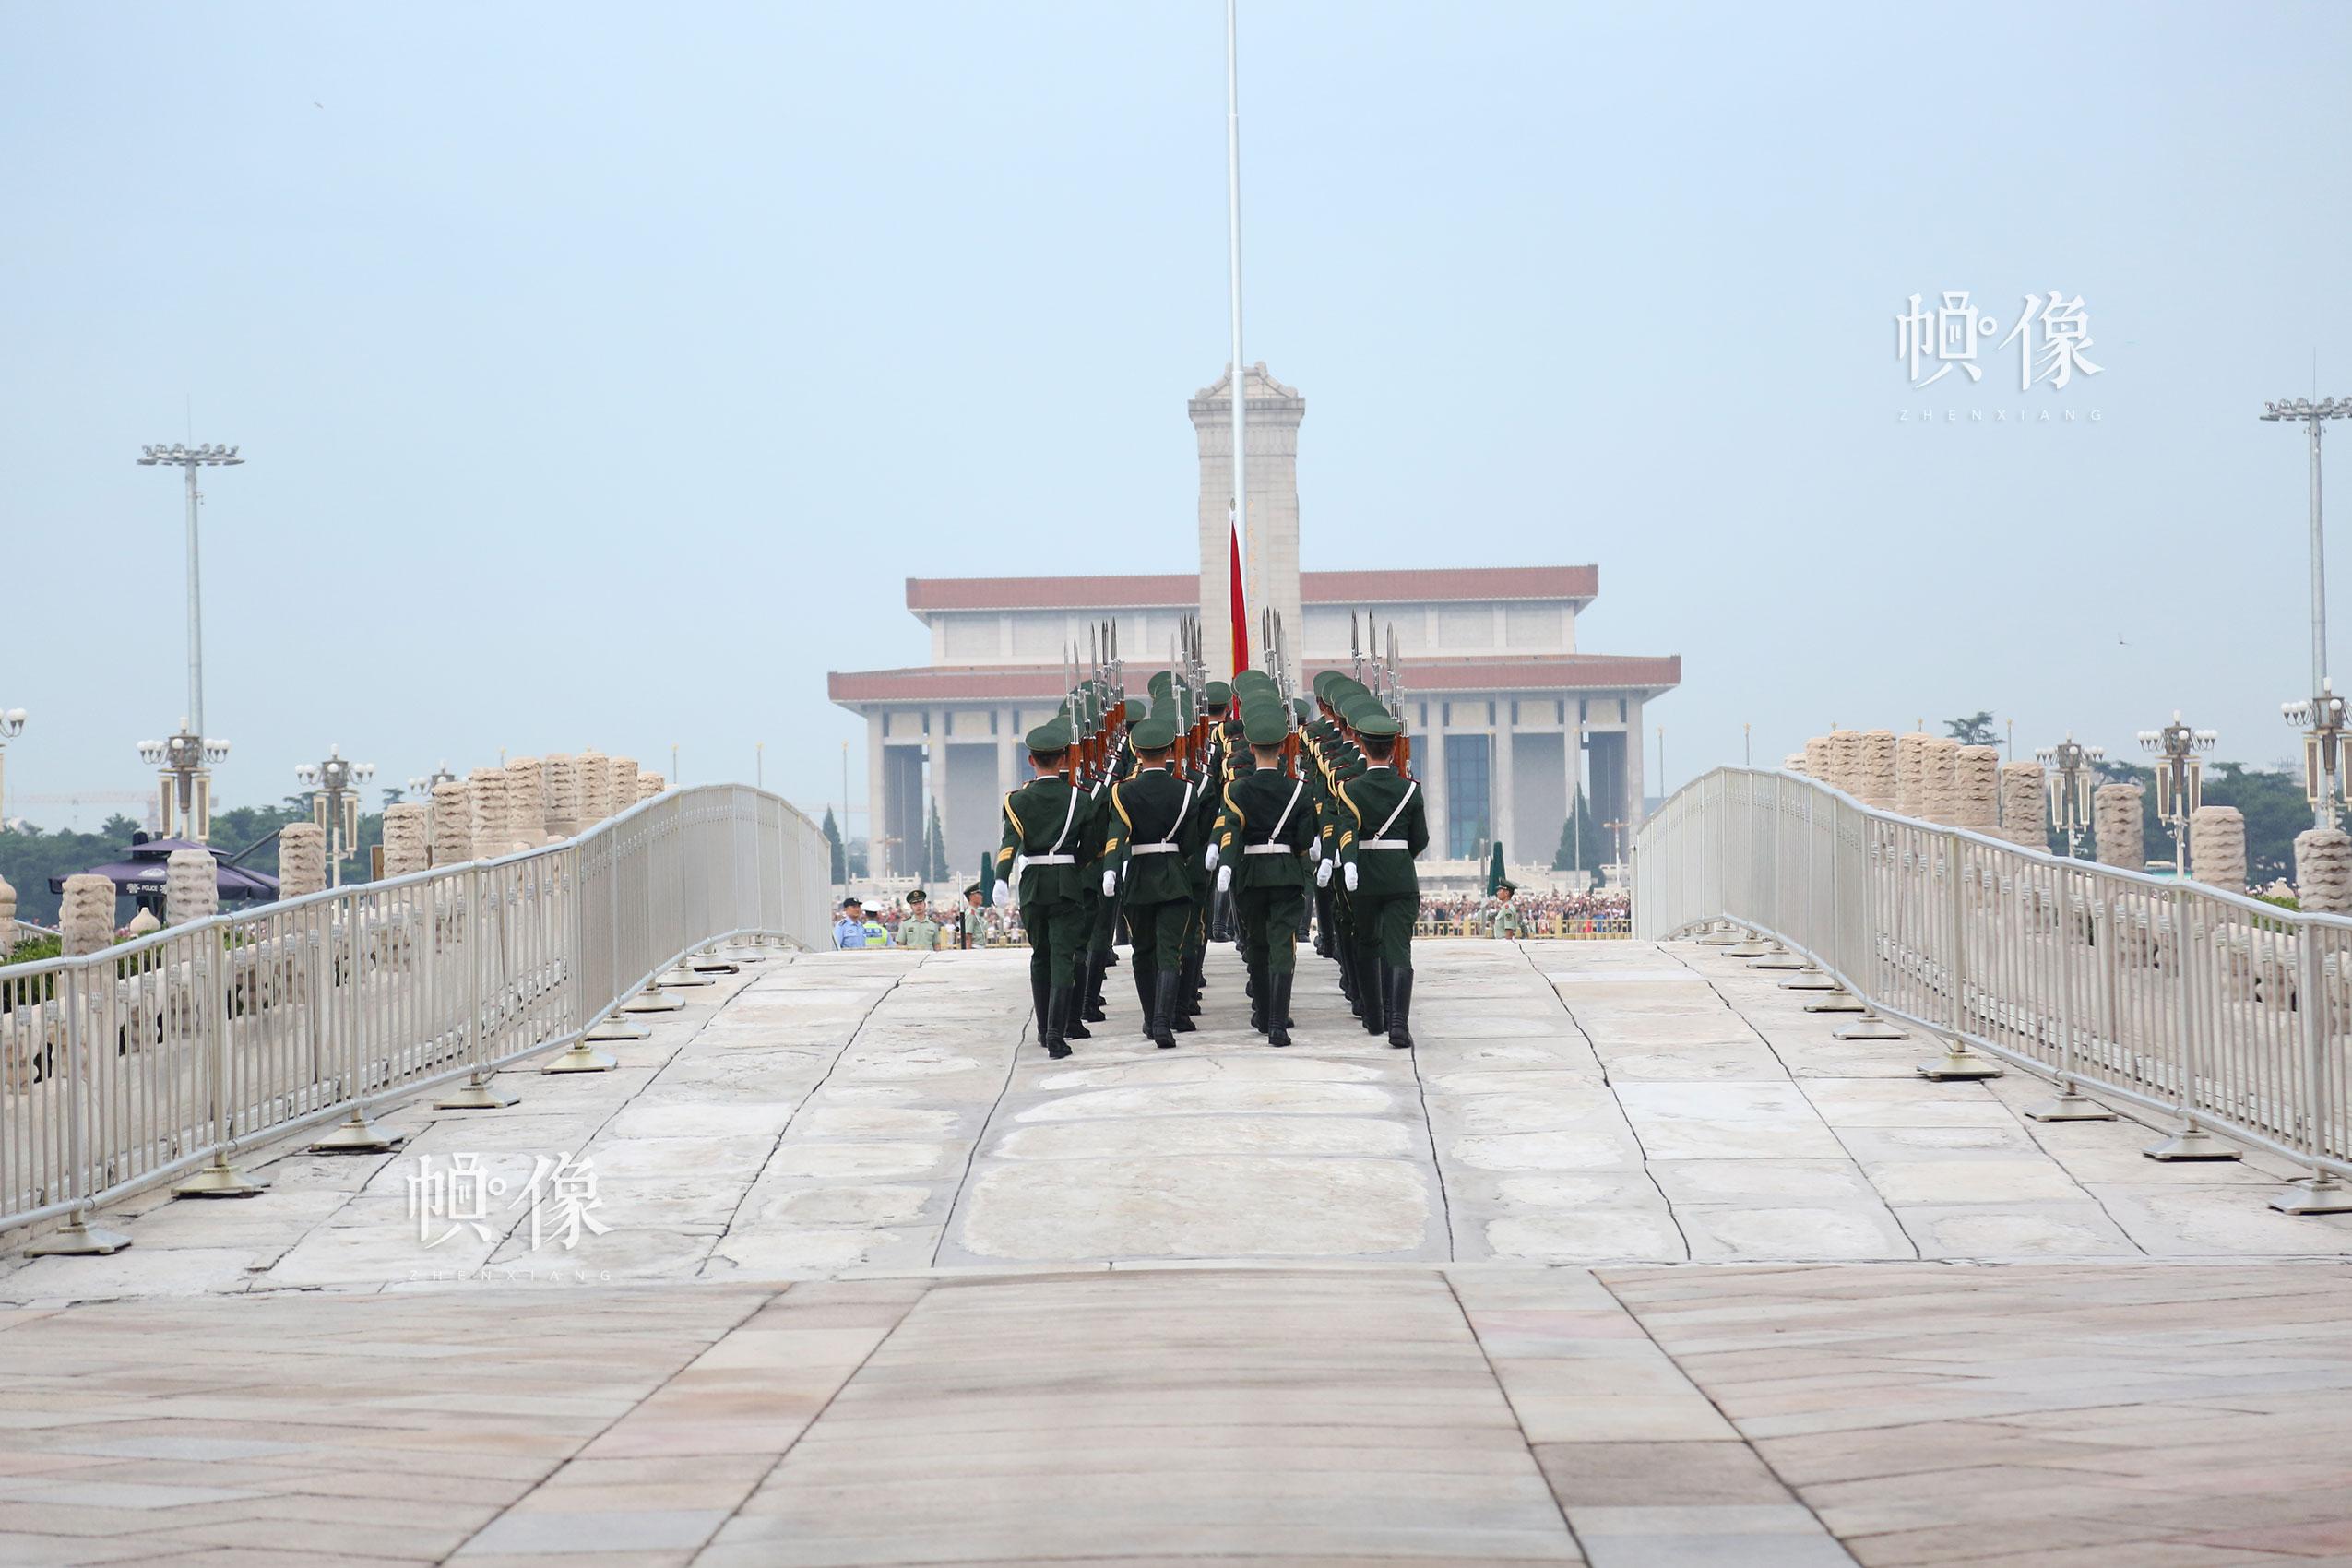 2017年7月28日,北京,国旗护卫队走上金水桥,执行升旗任务。中国网记者 黄富友 摄